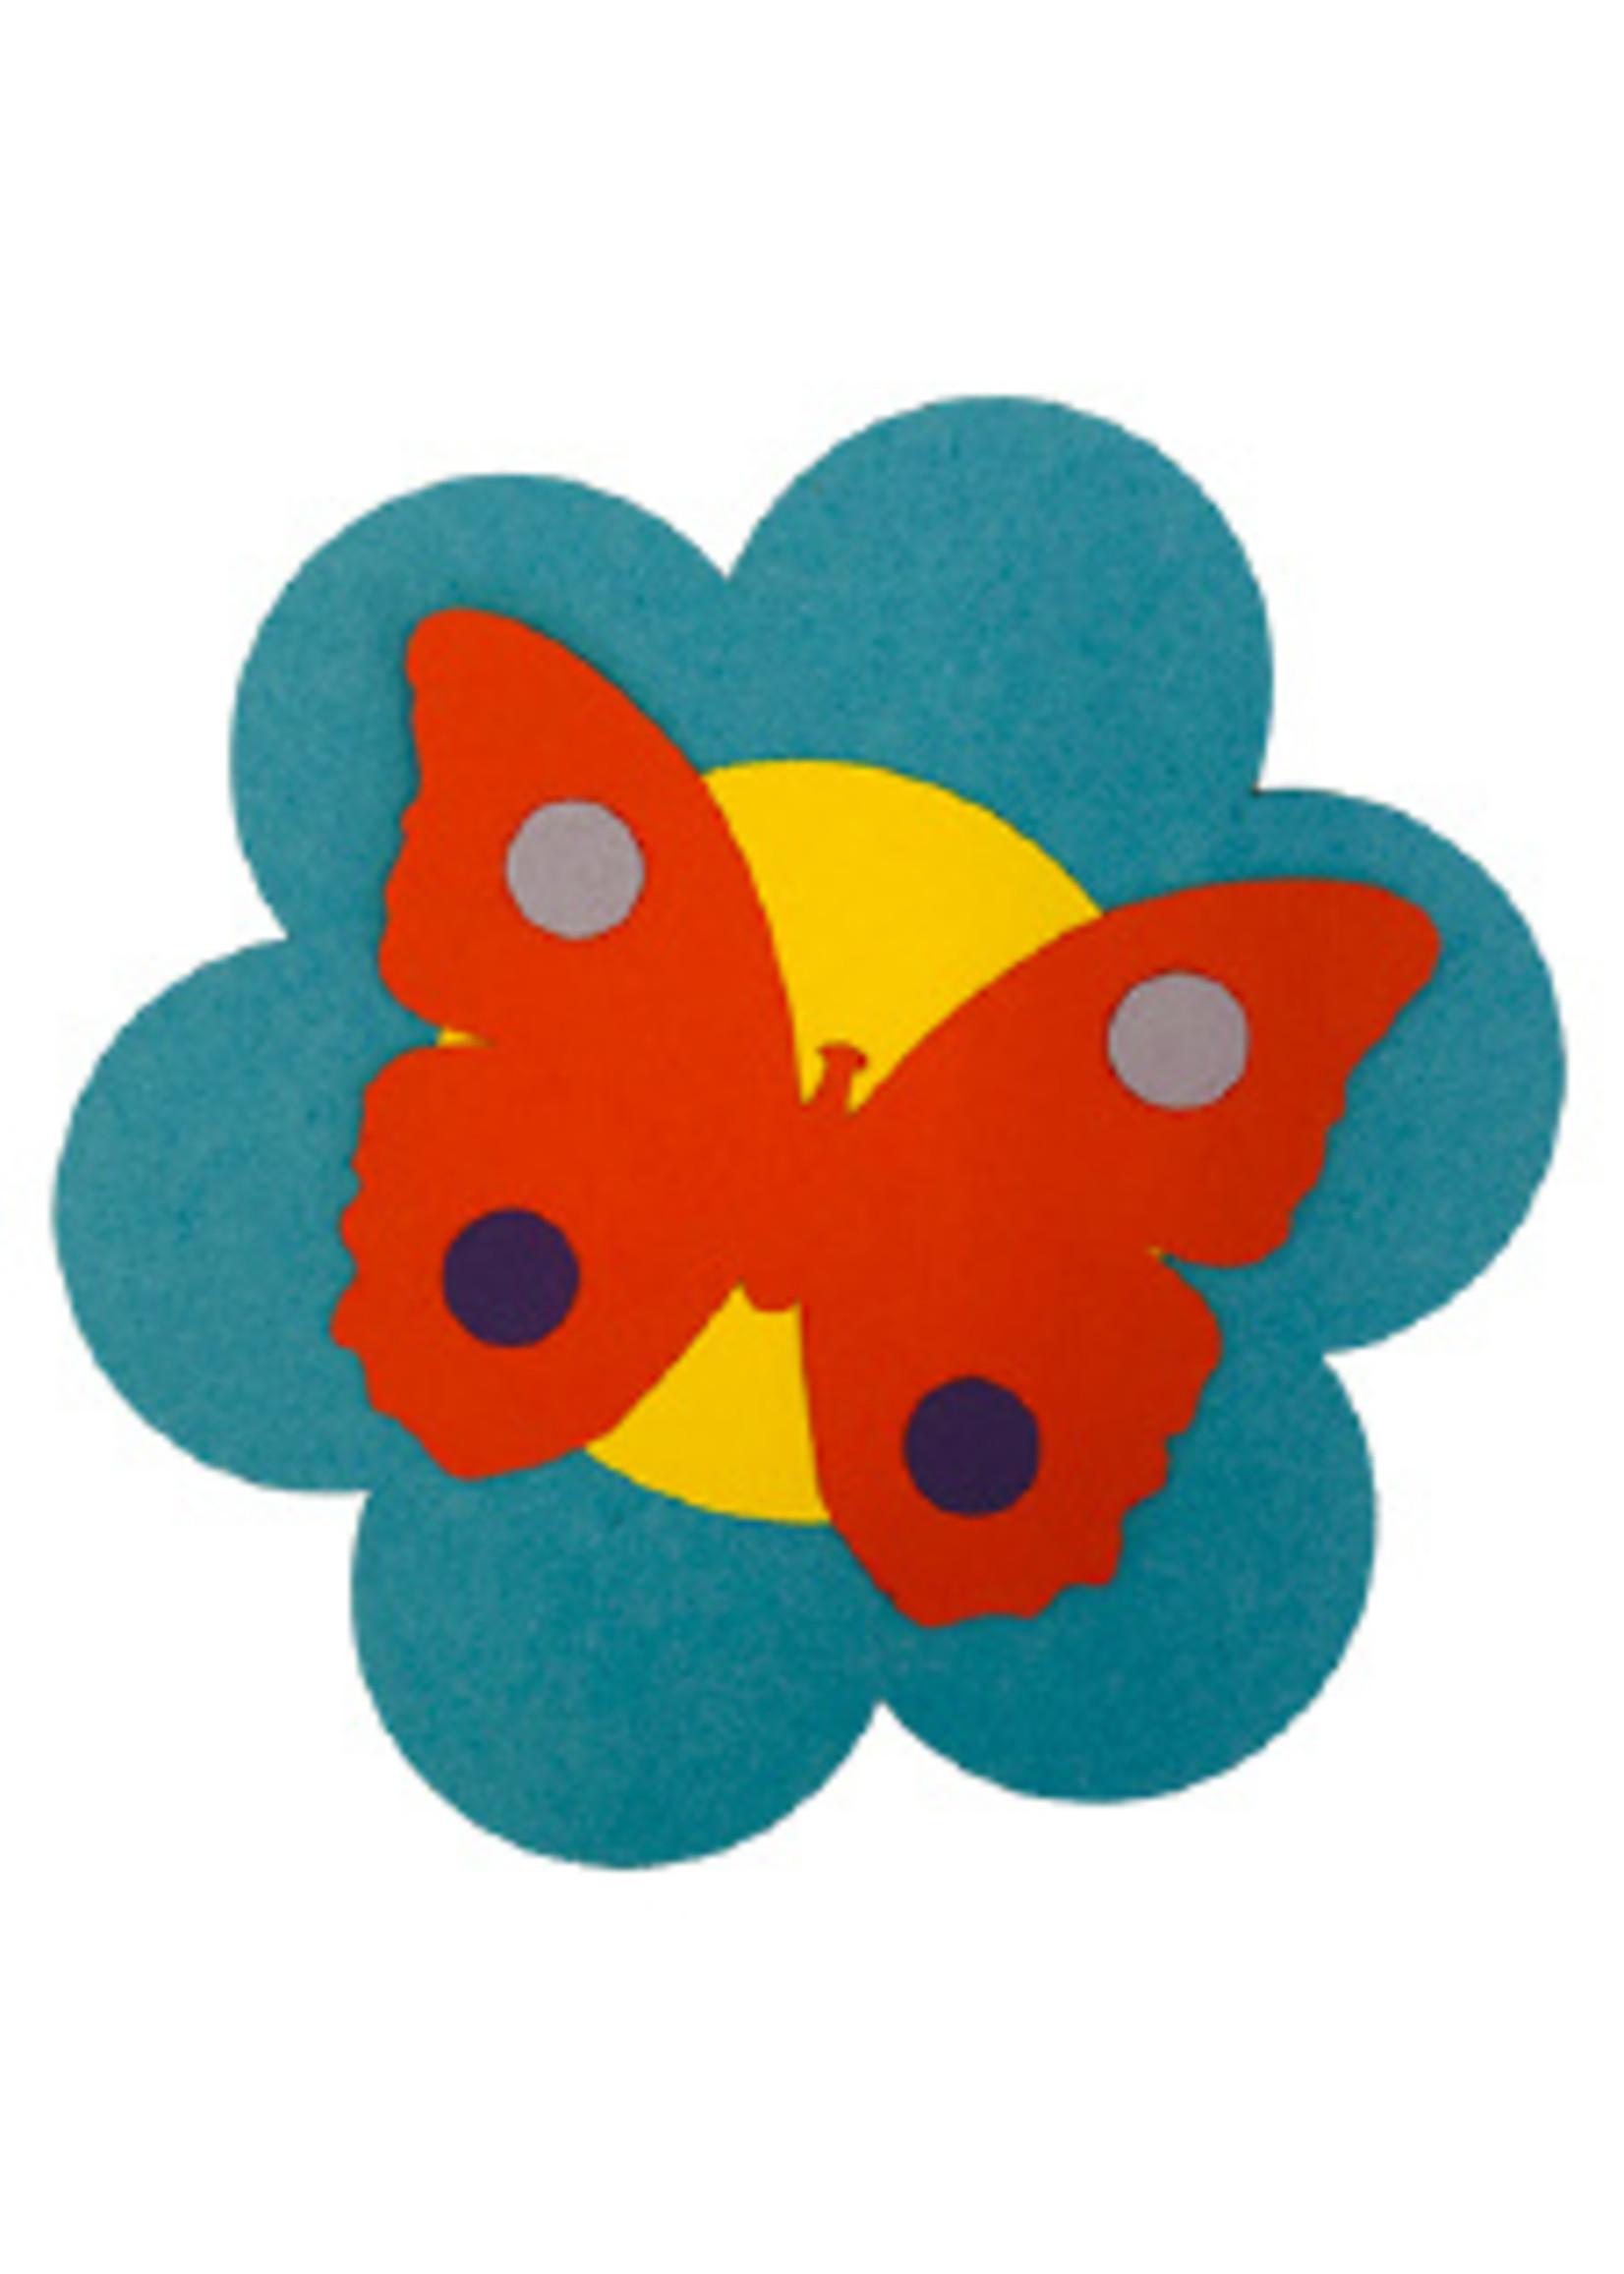 Knutsel pakket bloem met vlinder 1